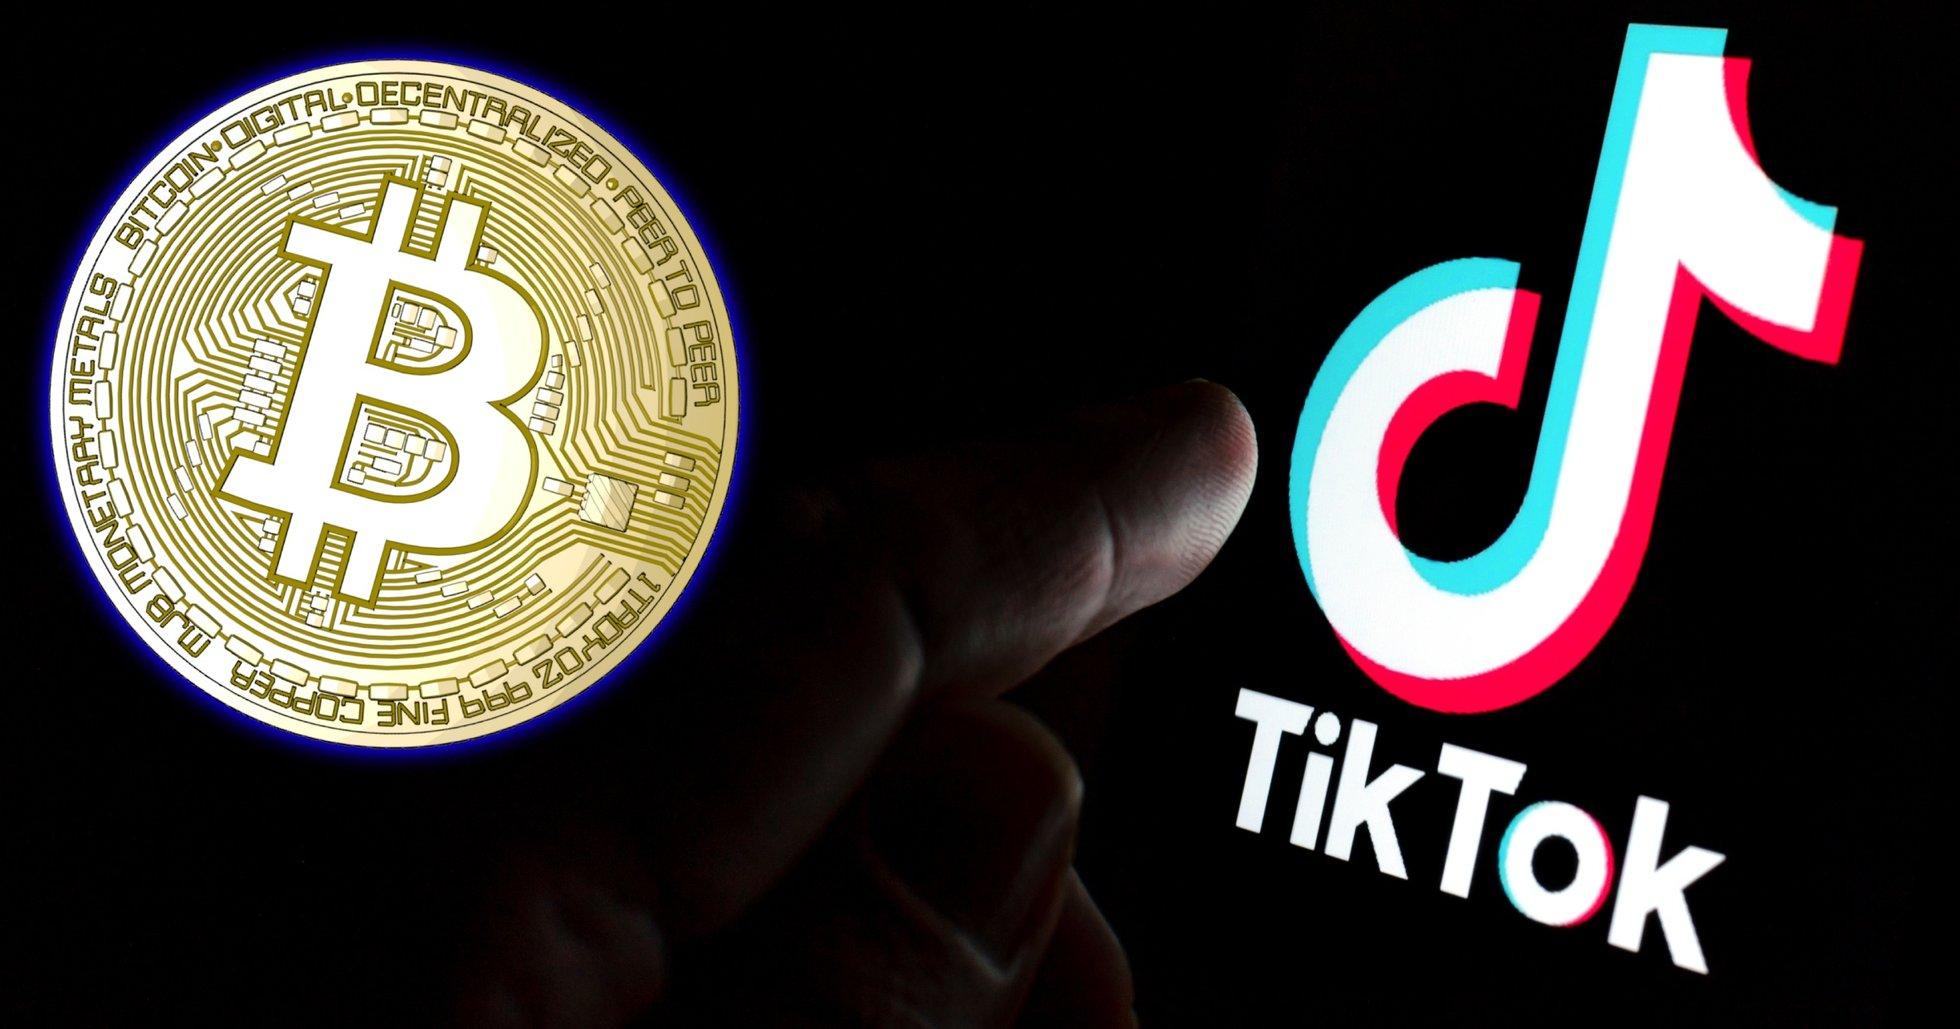 Tiktok har fått sin första virala bitcoinvideo – nu satsar ägarna på blockkedjeteknik